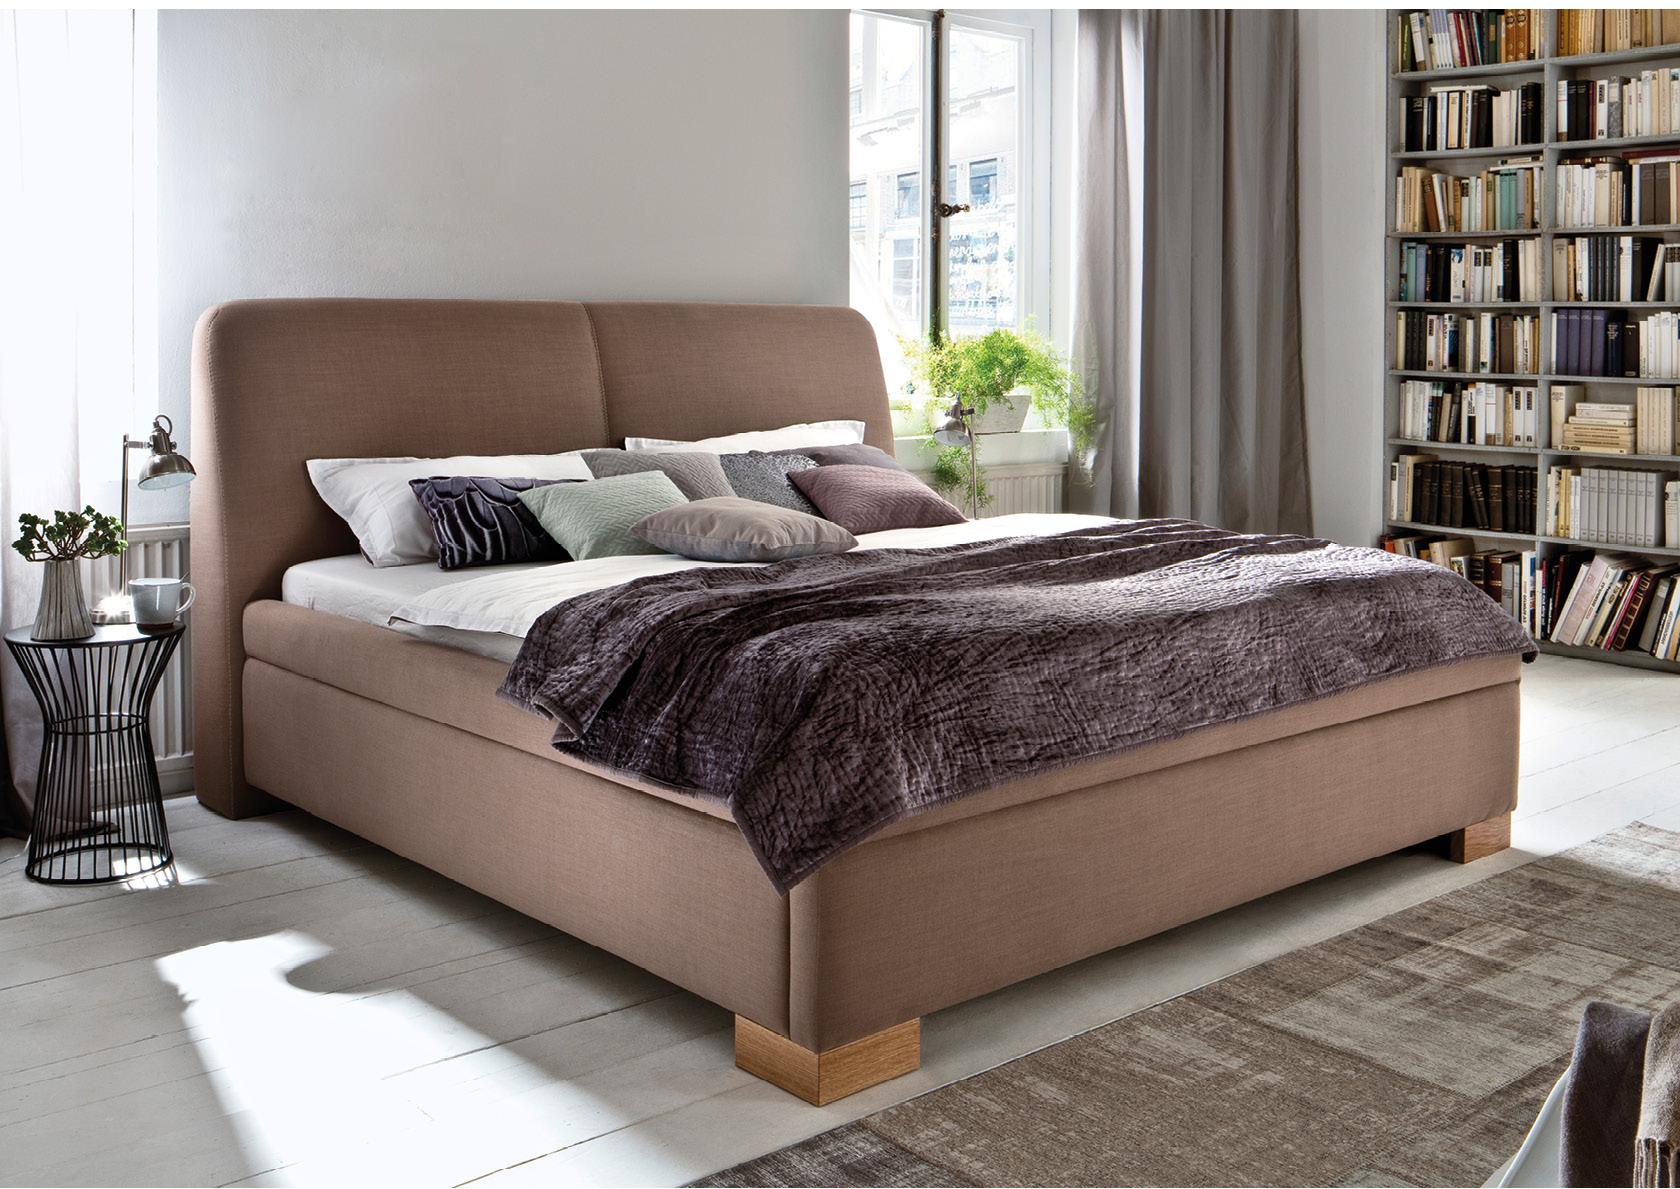 betten m bel sch tz einrichtungs gmbh in kruft. Black Bedroom Furniture Sets. Home Design Ideas